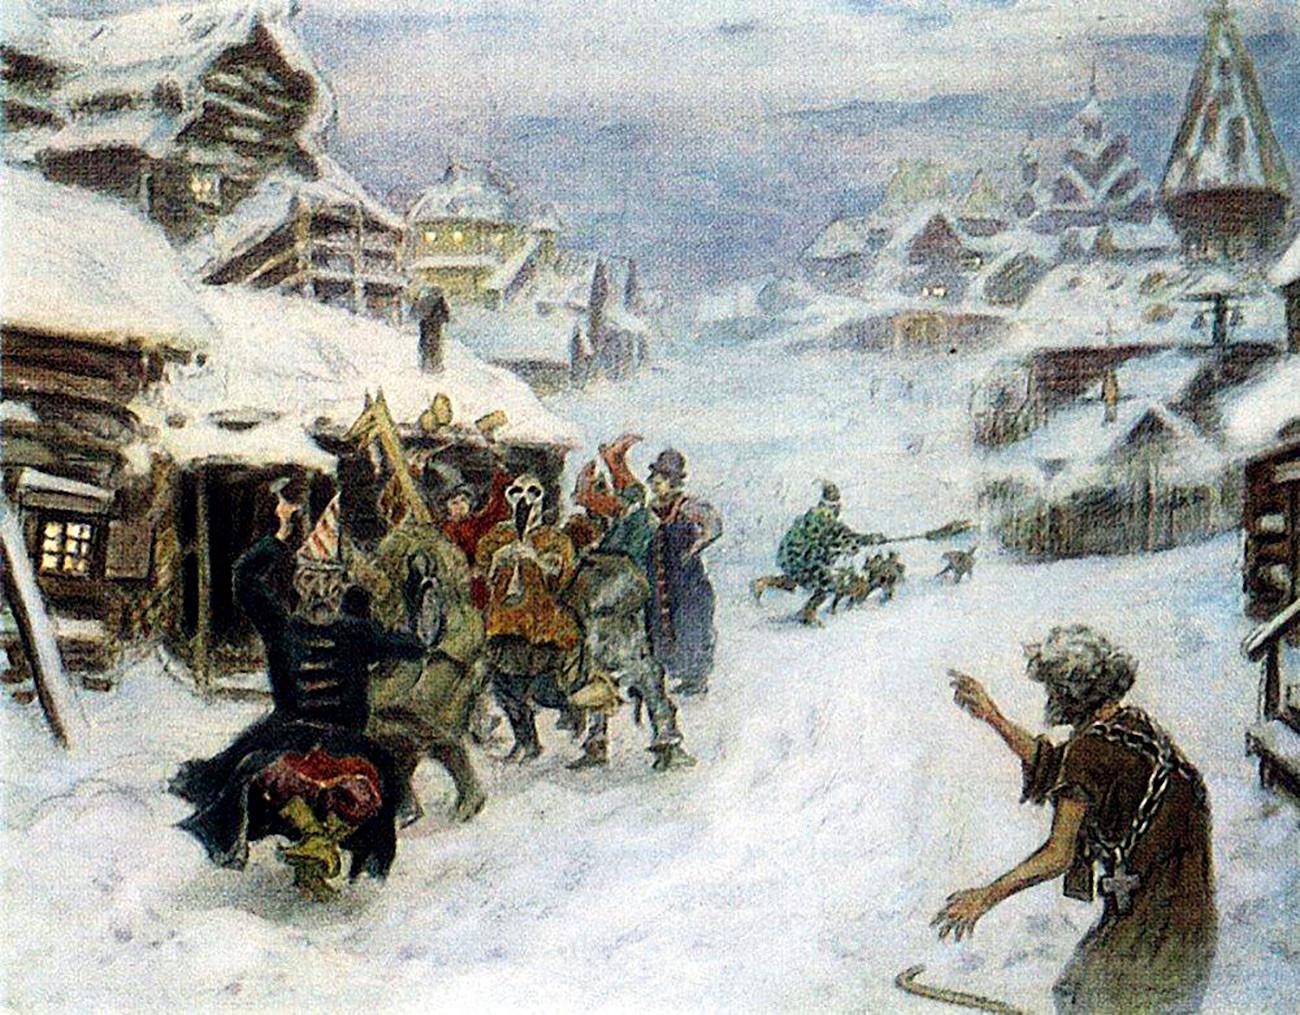 'Skomorokhs' (1904) by Appolinariy Vasnetsov